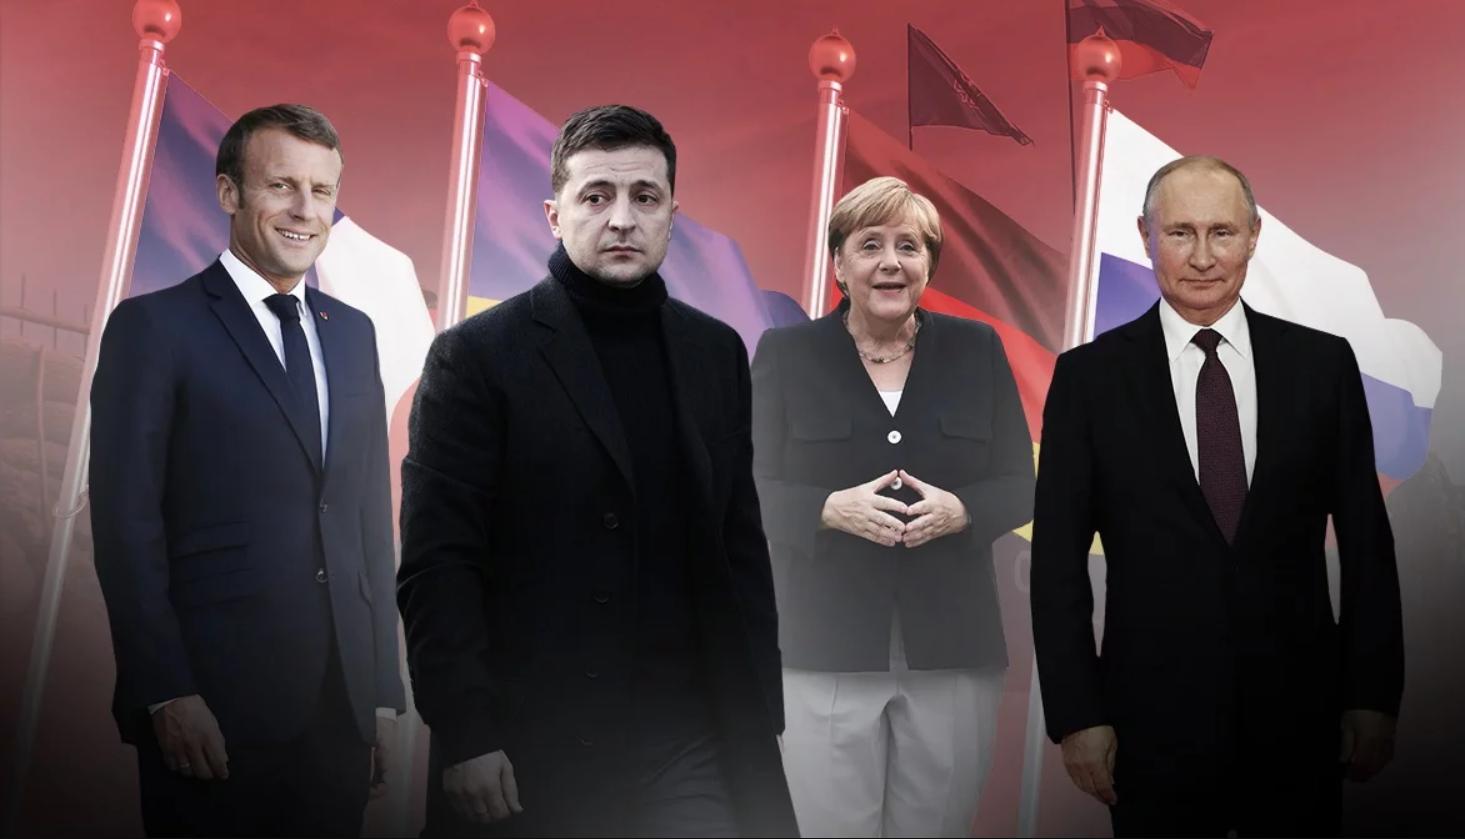 Путин настроен серьезно: в Париже пройдет встреча нормандской четверки